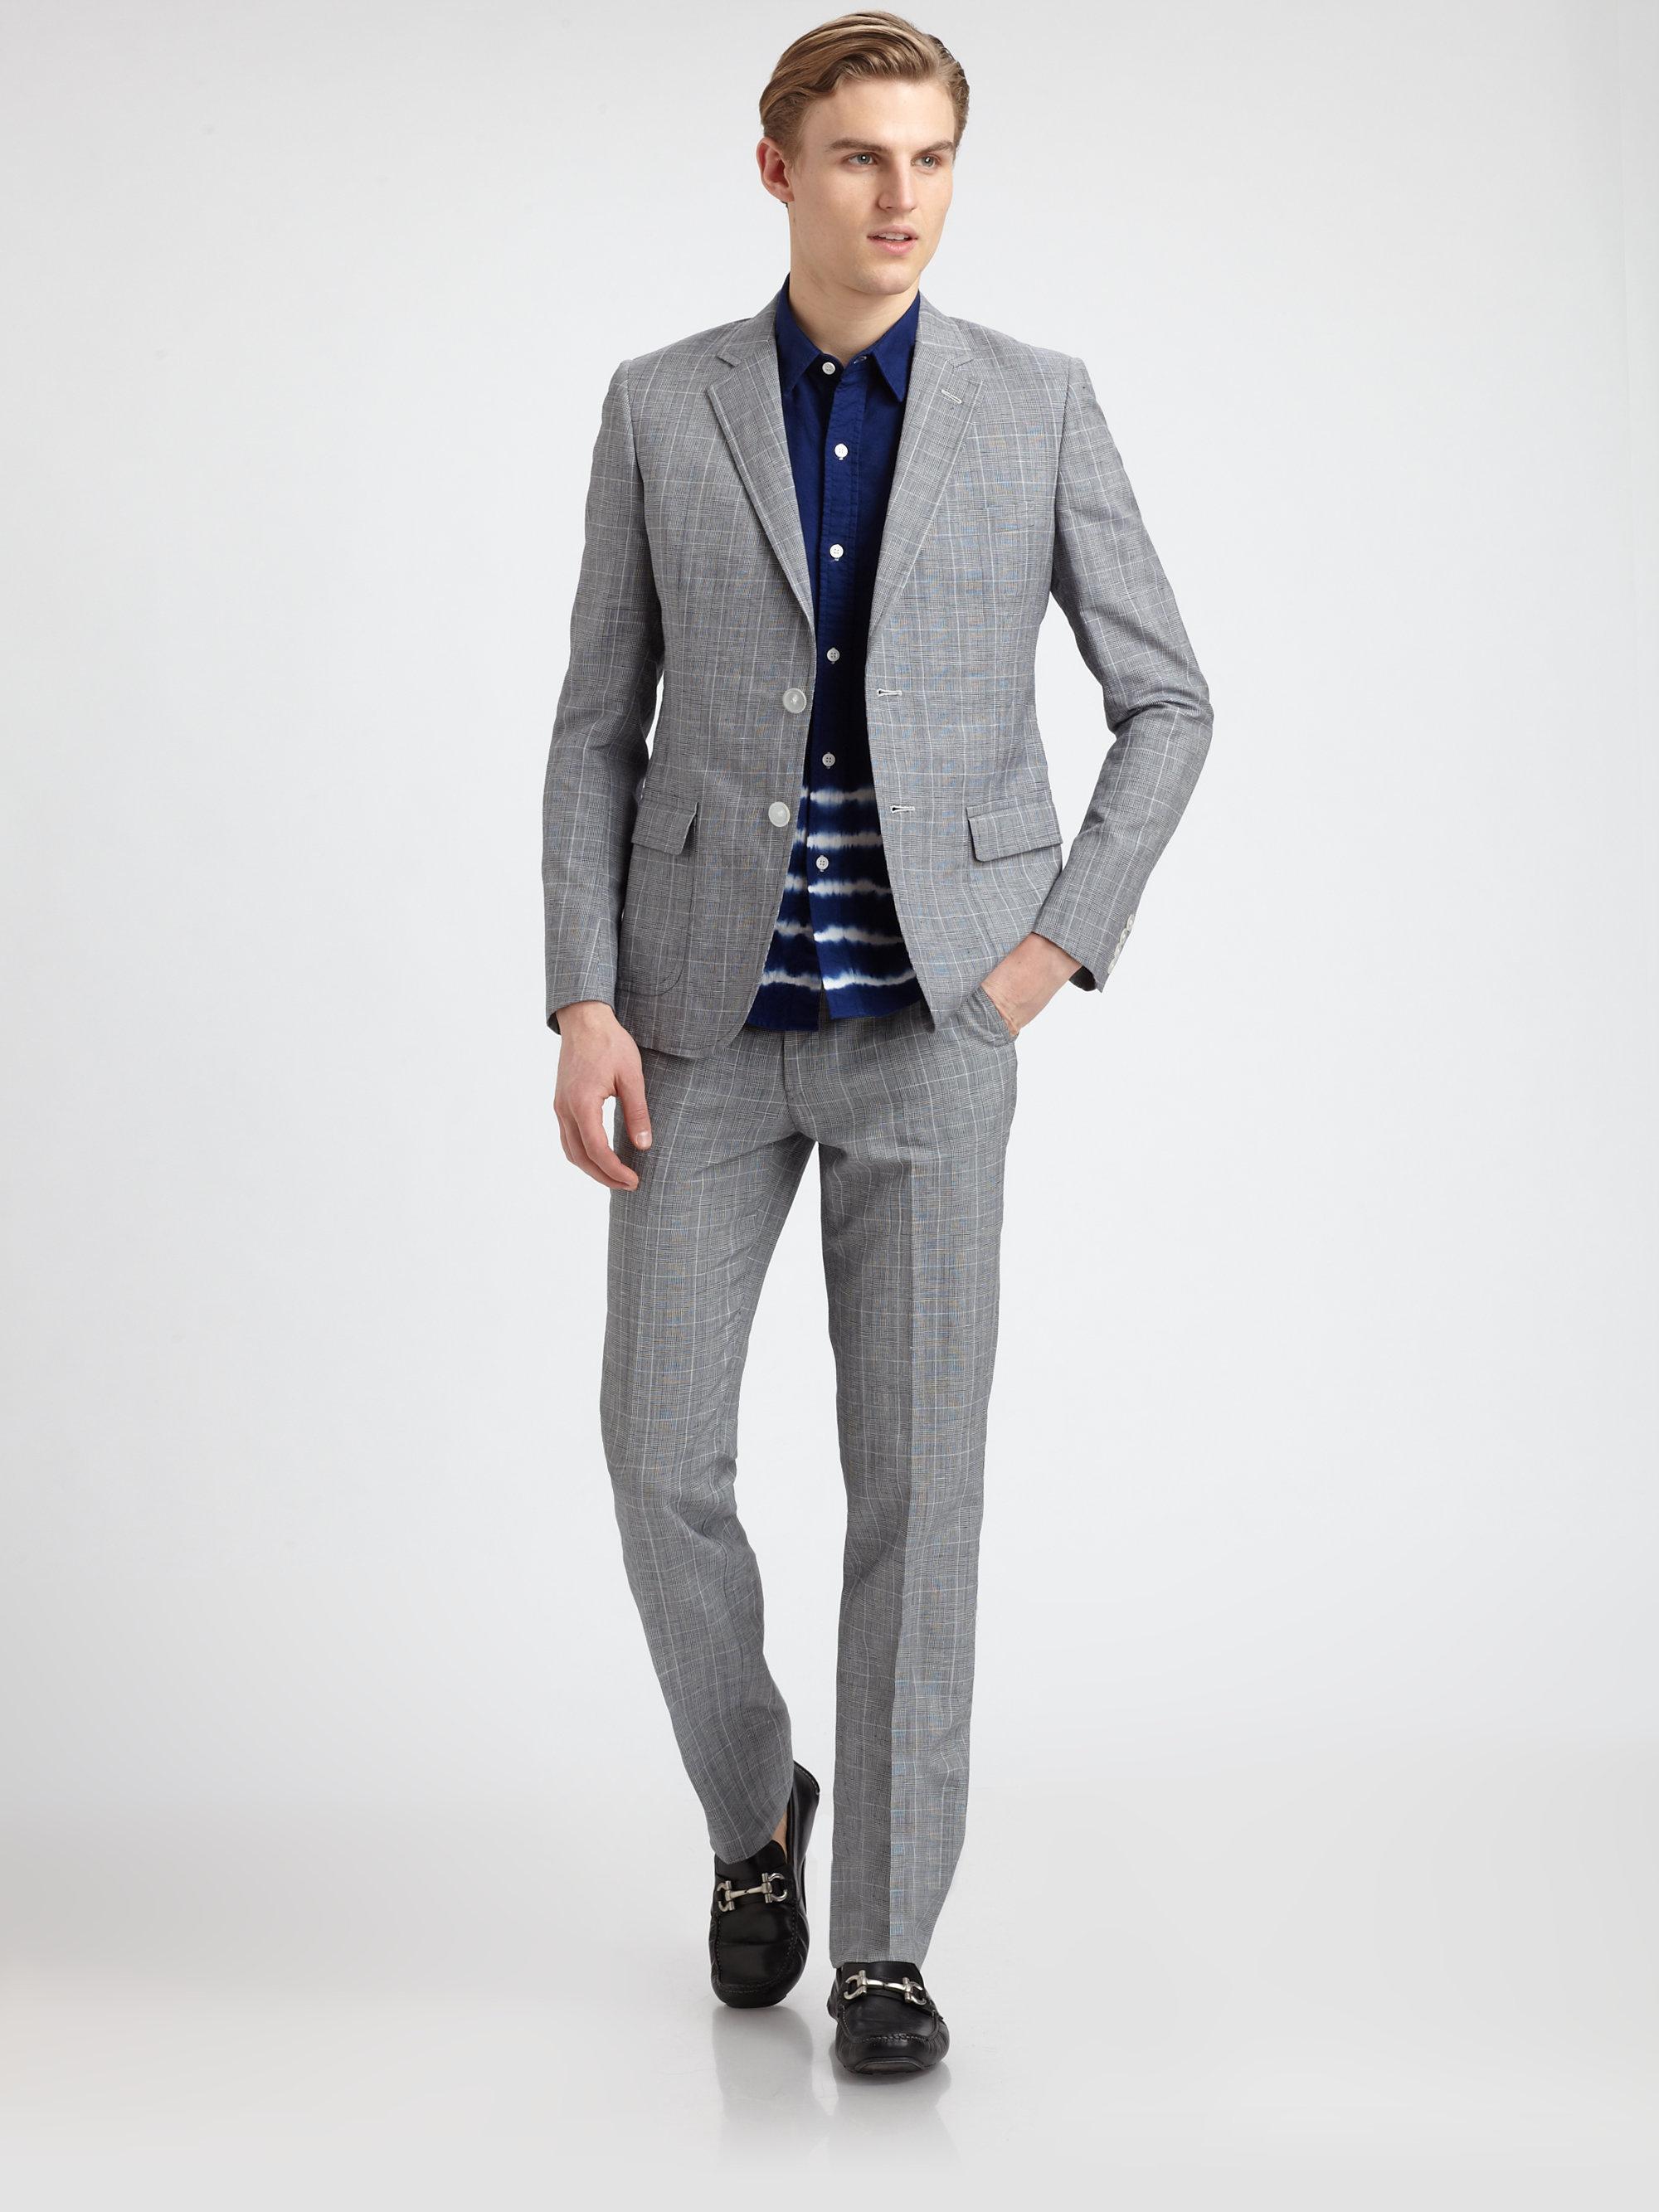 Linen fashion for men 19